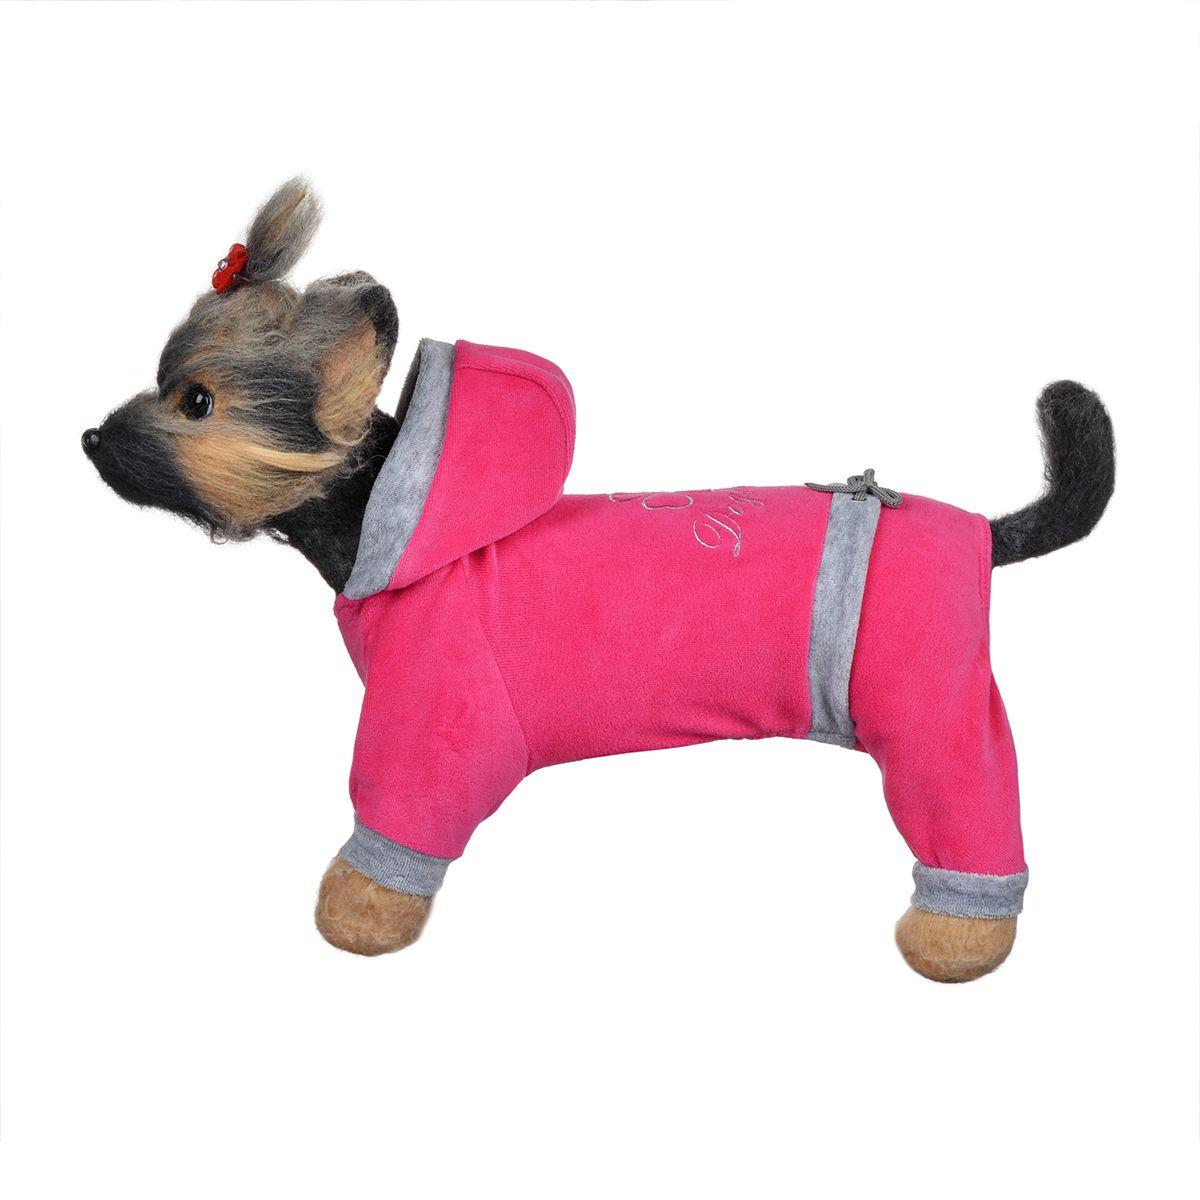 Комбинезон для собак Dogmoda Хоум, унисекс, цвет: розовый, серый. Размер 4 (XL)